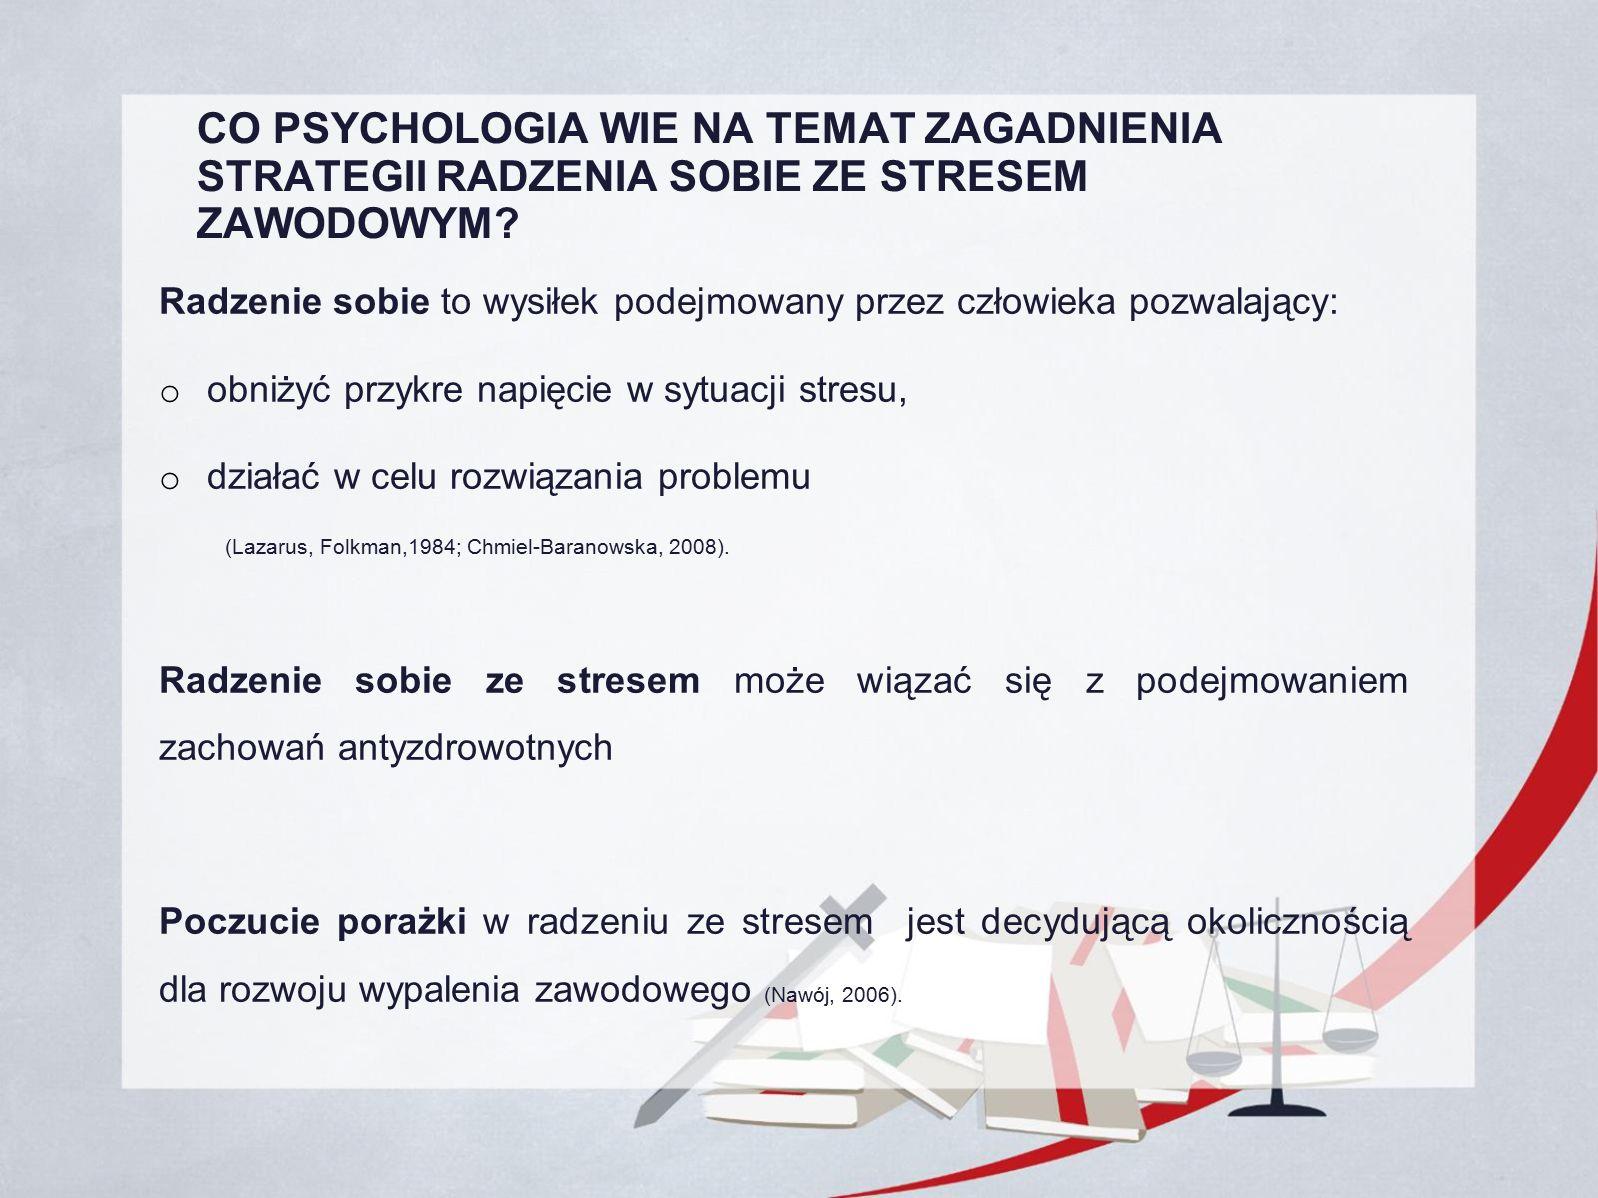 CO PSYCHOLOGIA WIE NA TEMAT ZAGADNIENIA STRATEGII RADZENIA SOBIE ZE STRESEM ZAWODOWYM.